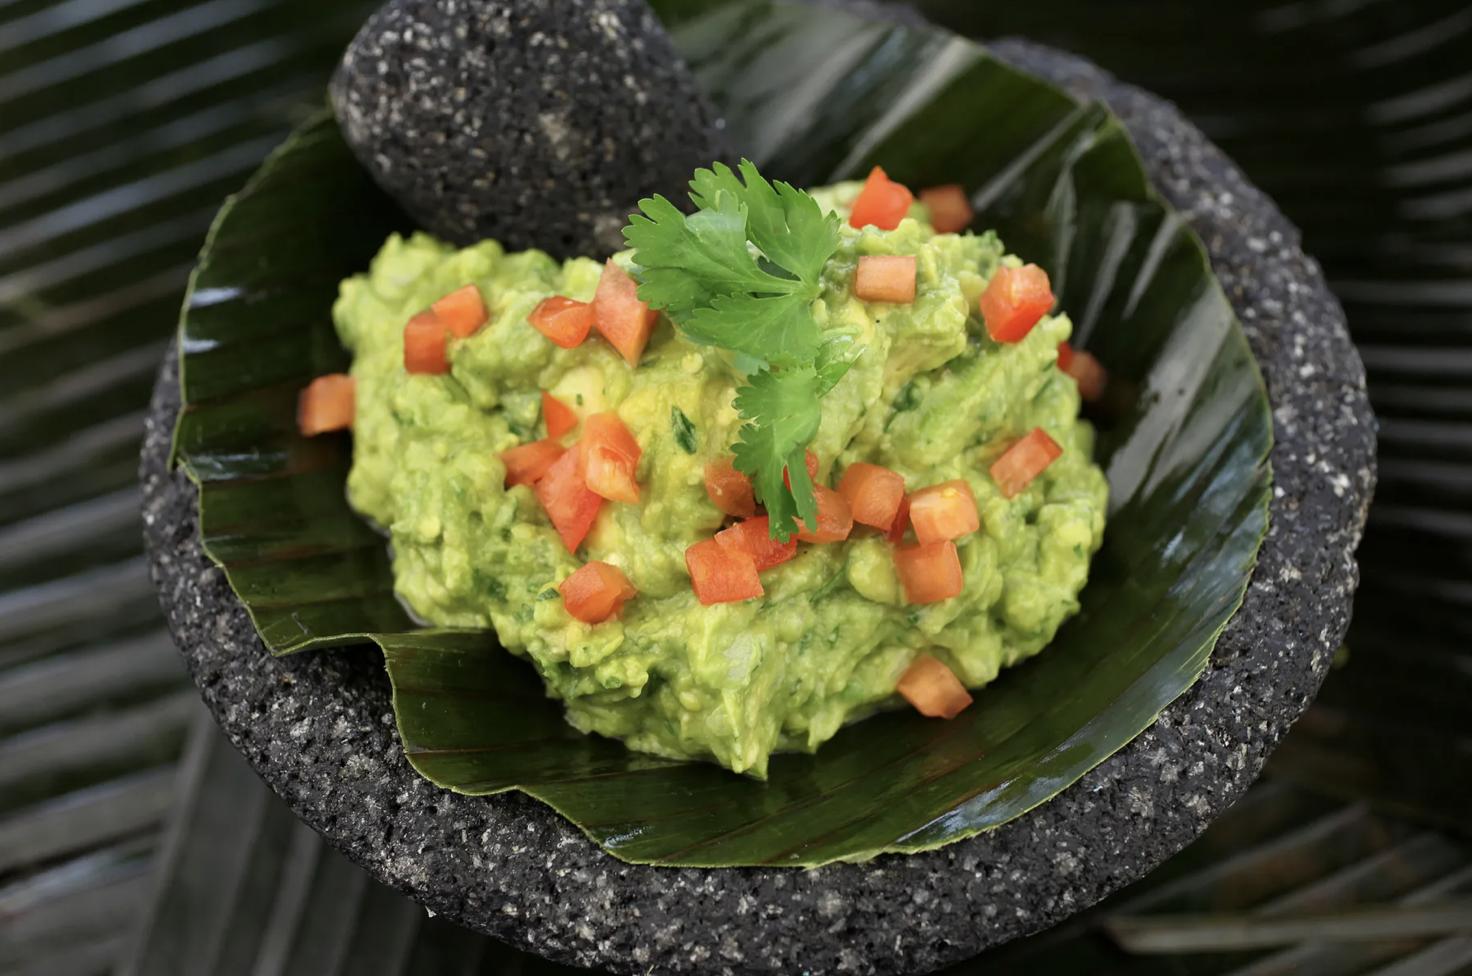 Obrazek pokazuje guacamole - sos meksykański, do którego nawiązuje Google nazwą nowej funkcji Asystenta Google.